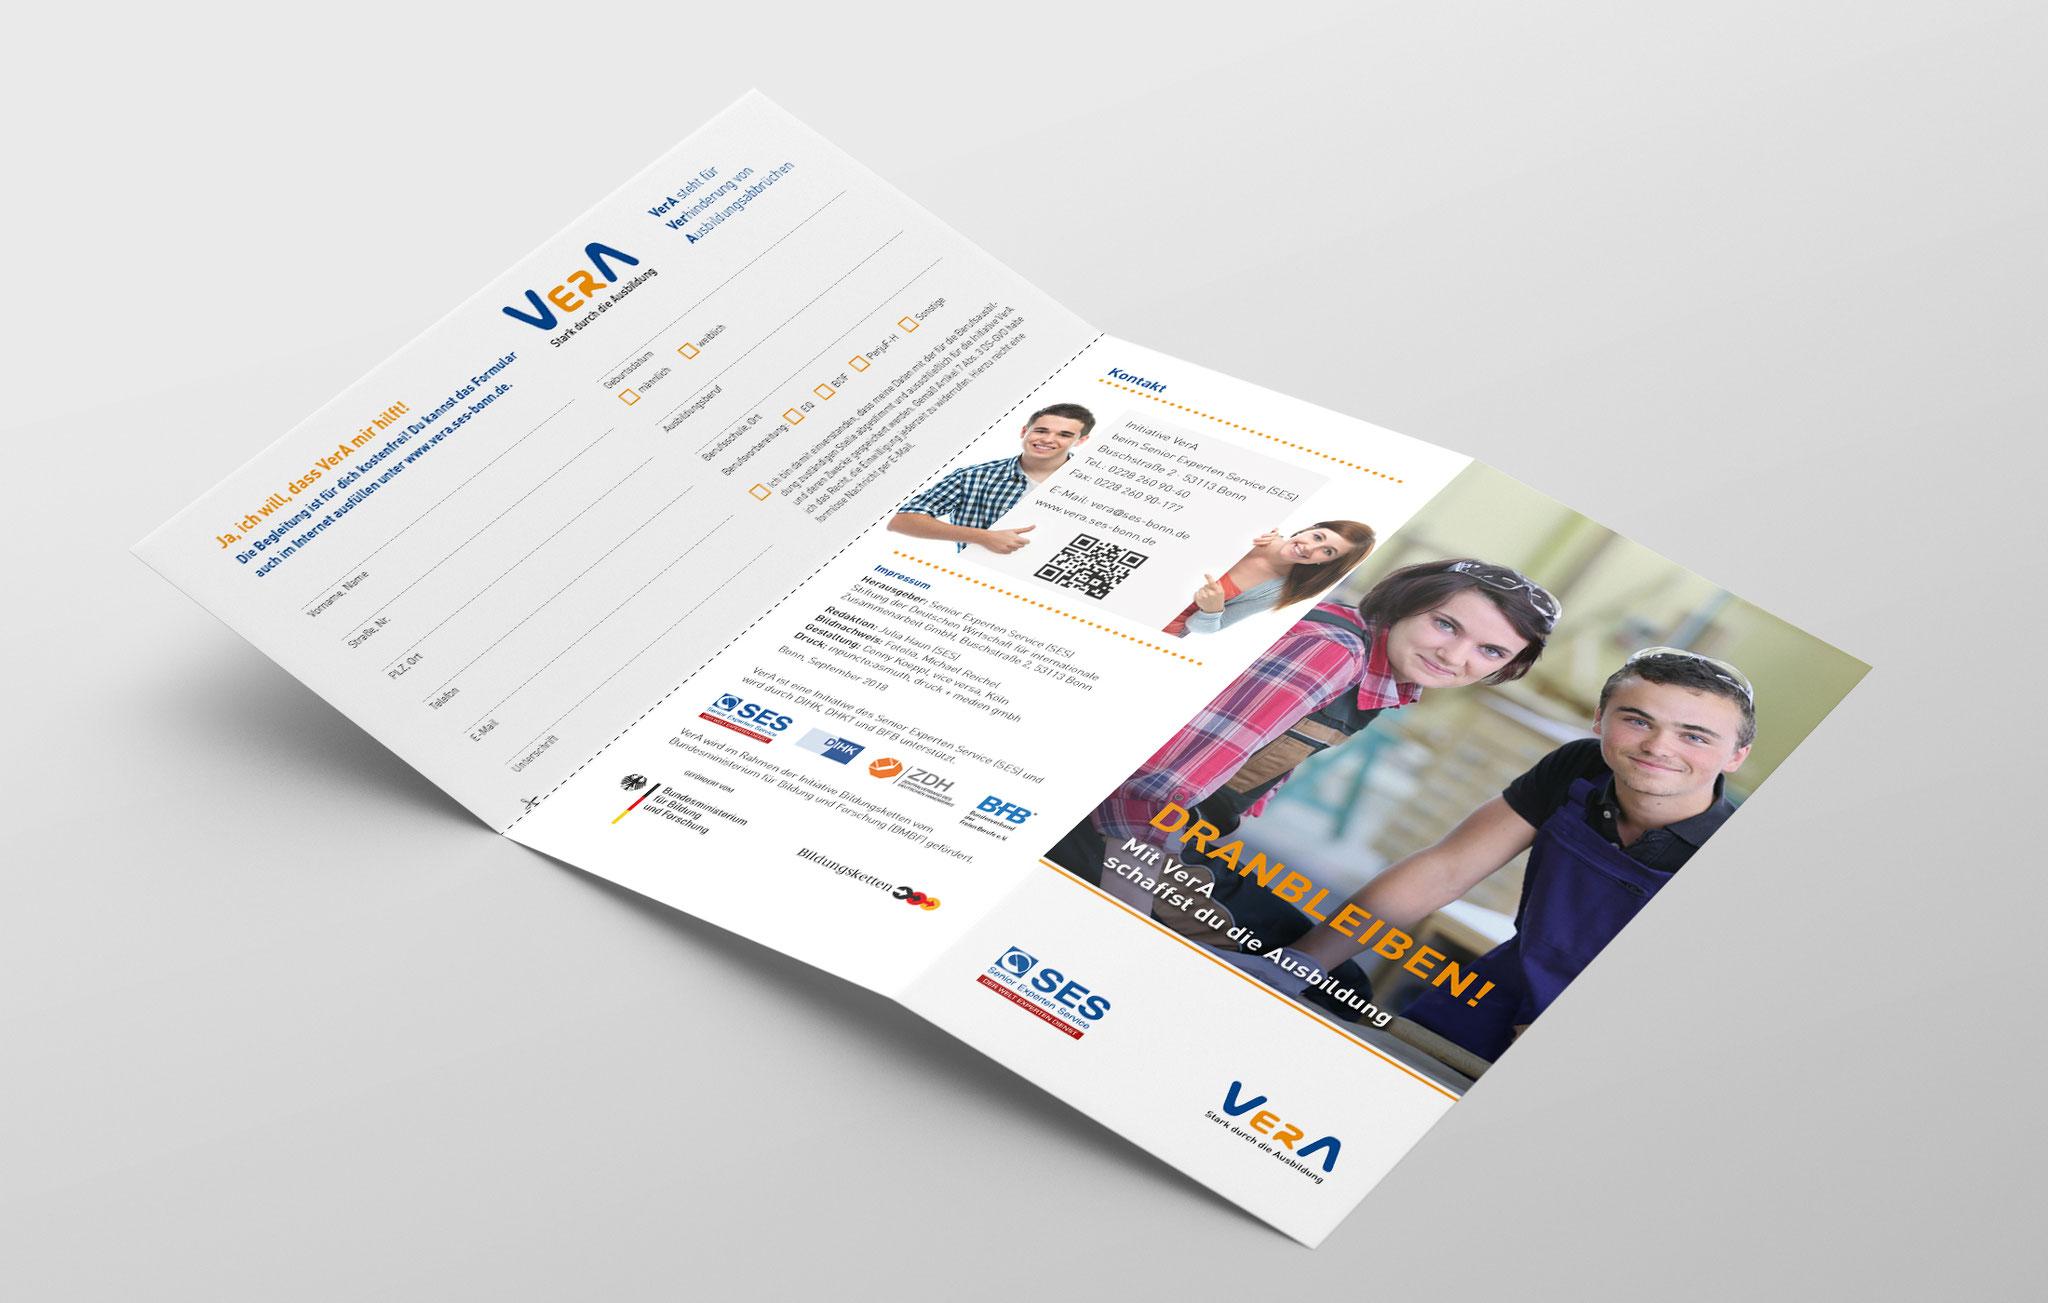 Faltblatt VerA für Auszubildende, Außenseite